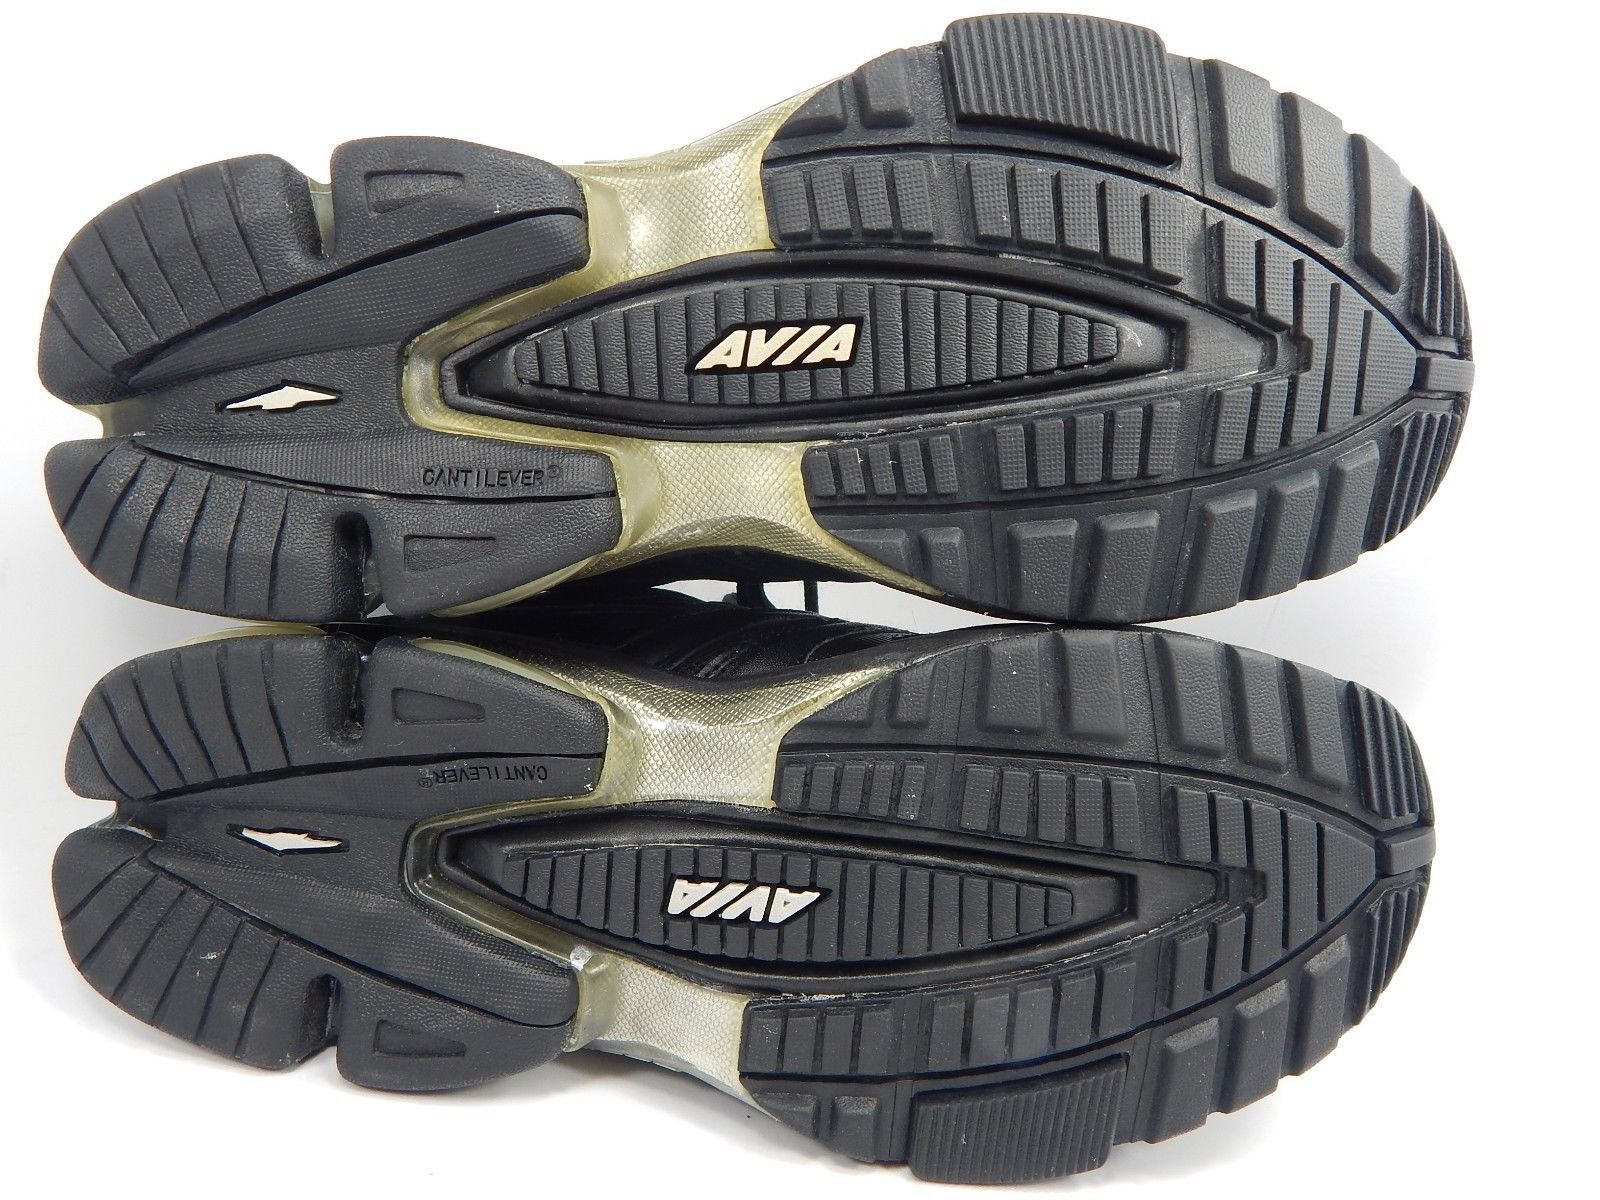 Avia OCS Ultra Women's Running Shoes Size US 8.5 M (B) EU 40 Black